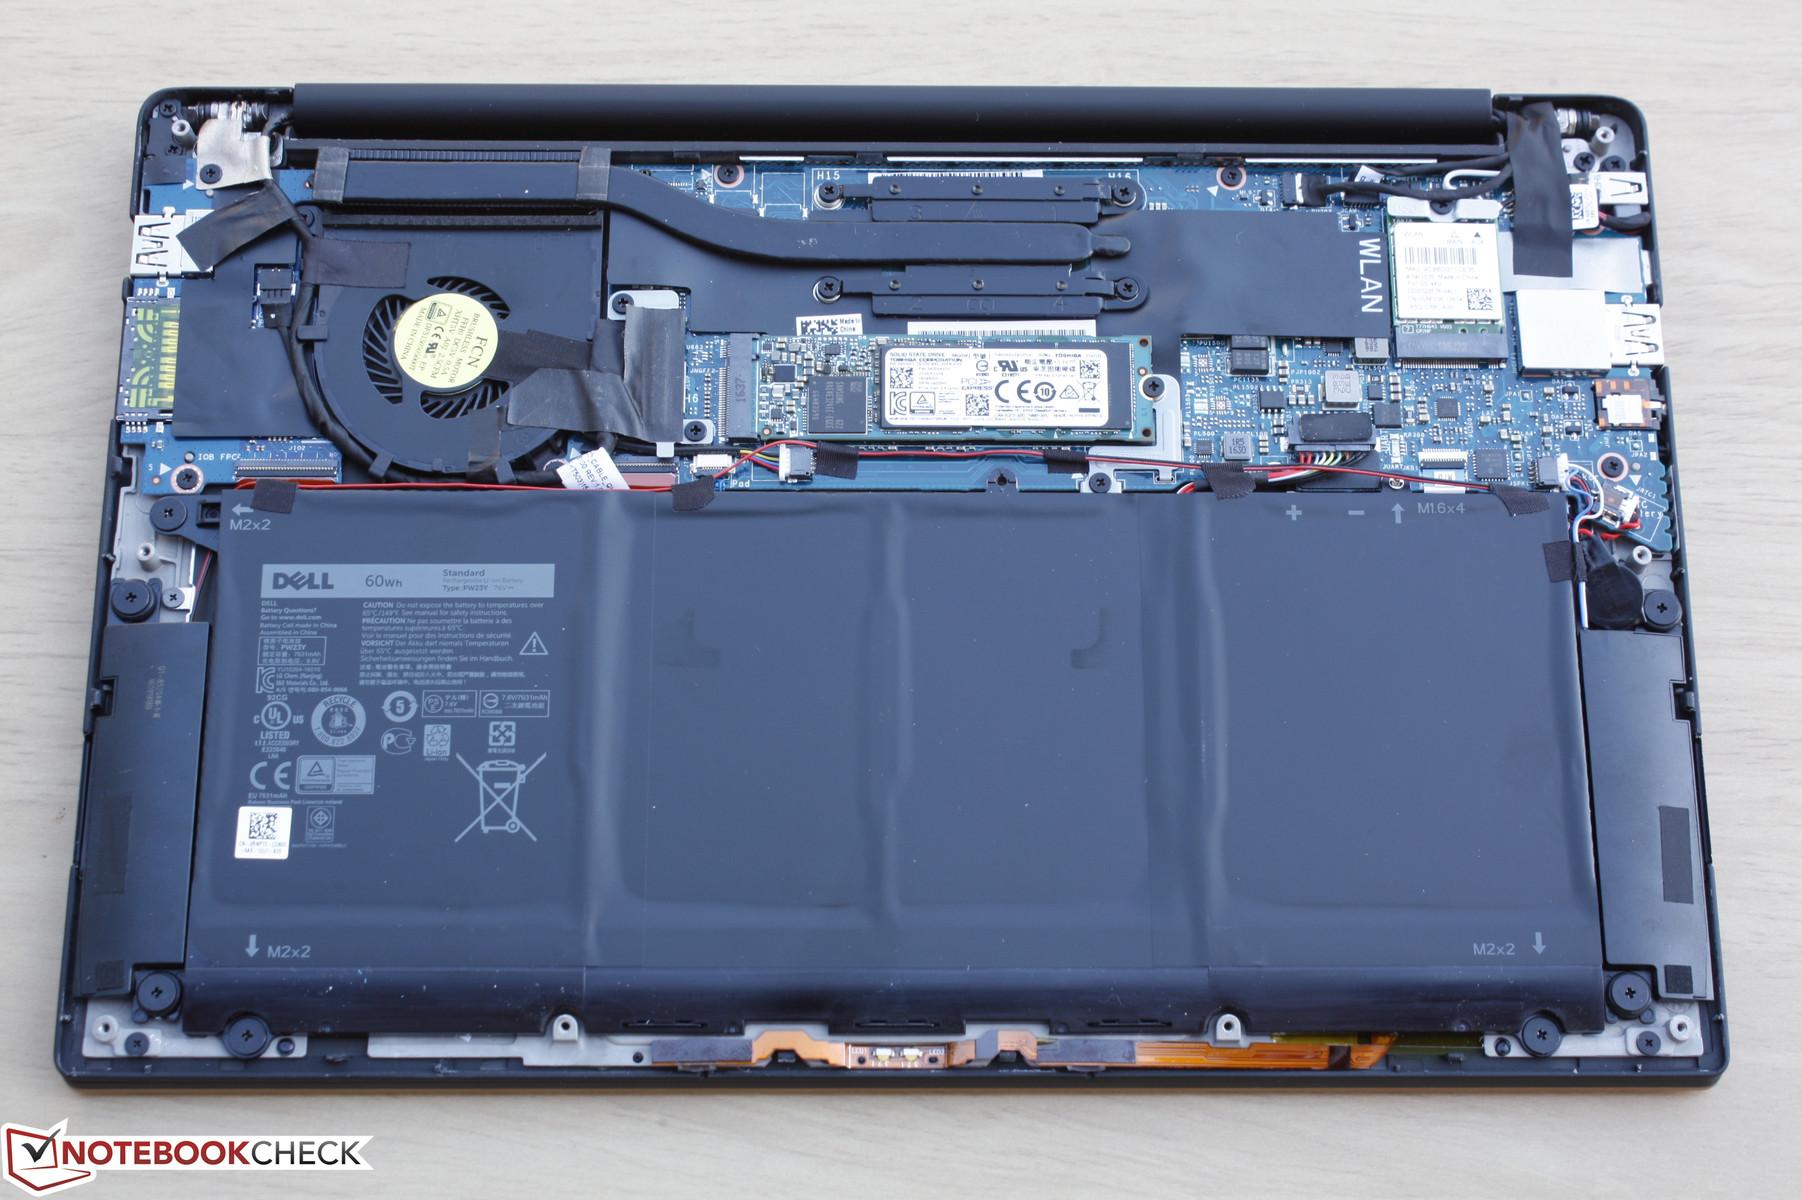 xiaomi-mi-air-vs-dell-xps-13-9360-vs-apple-macbook-pro-13-2016-600-41